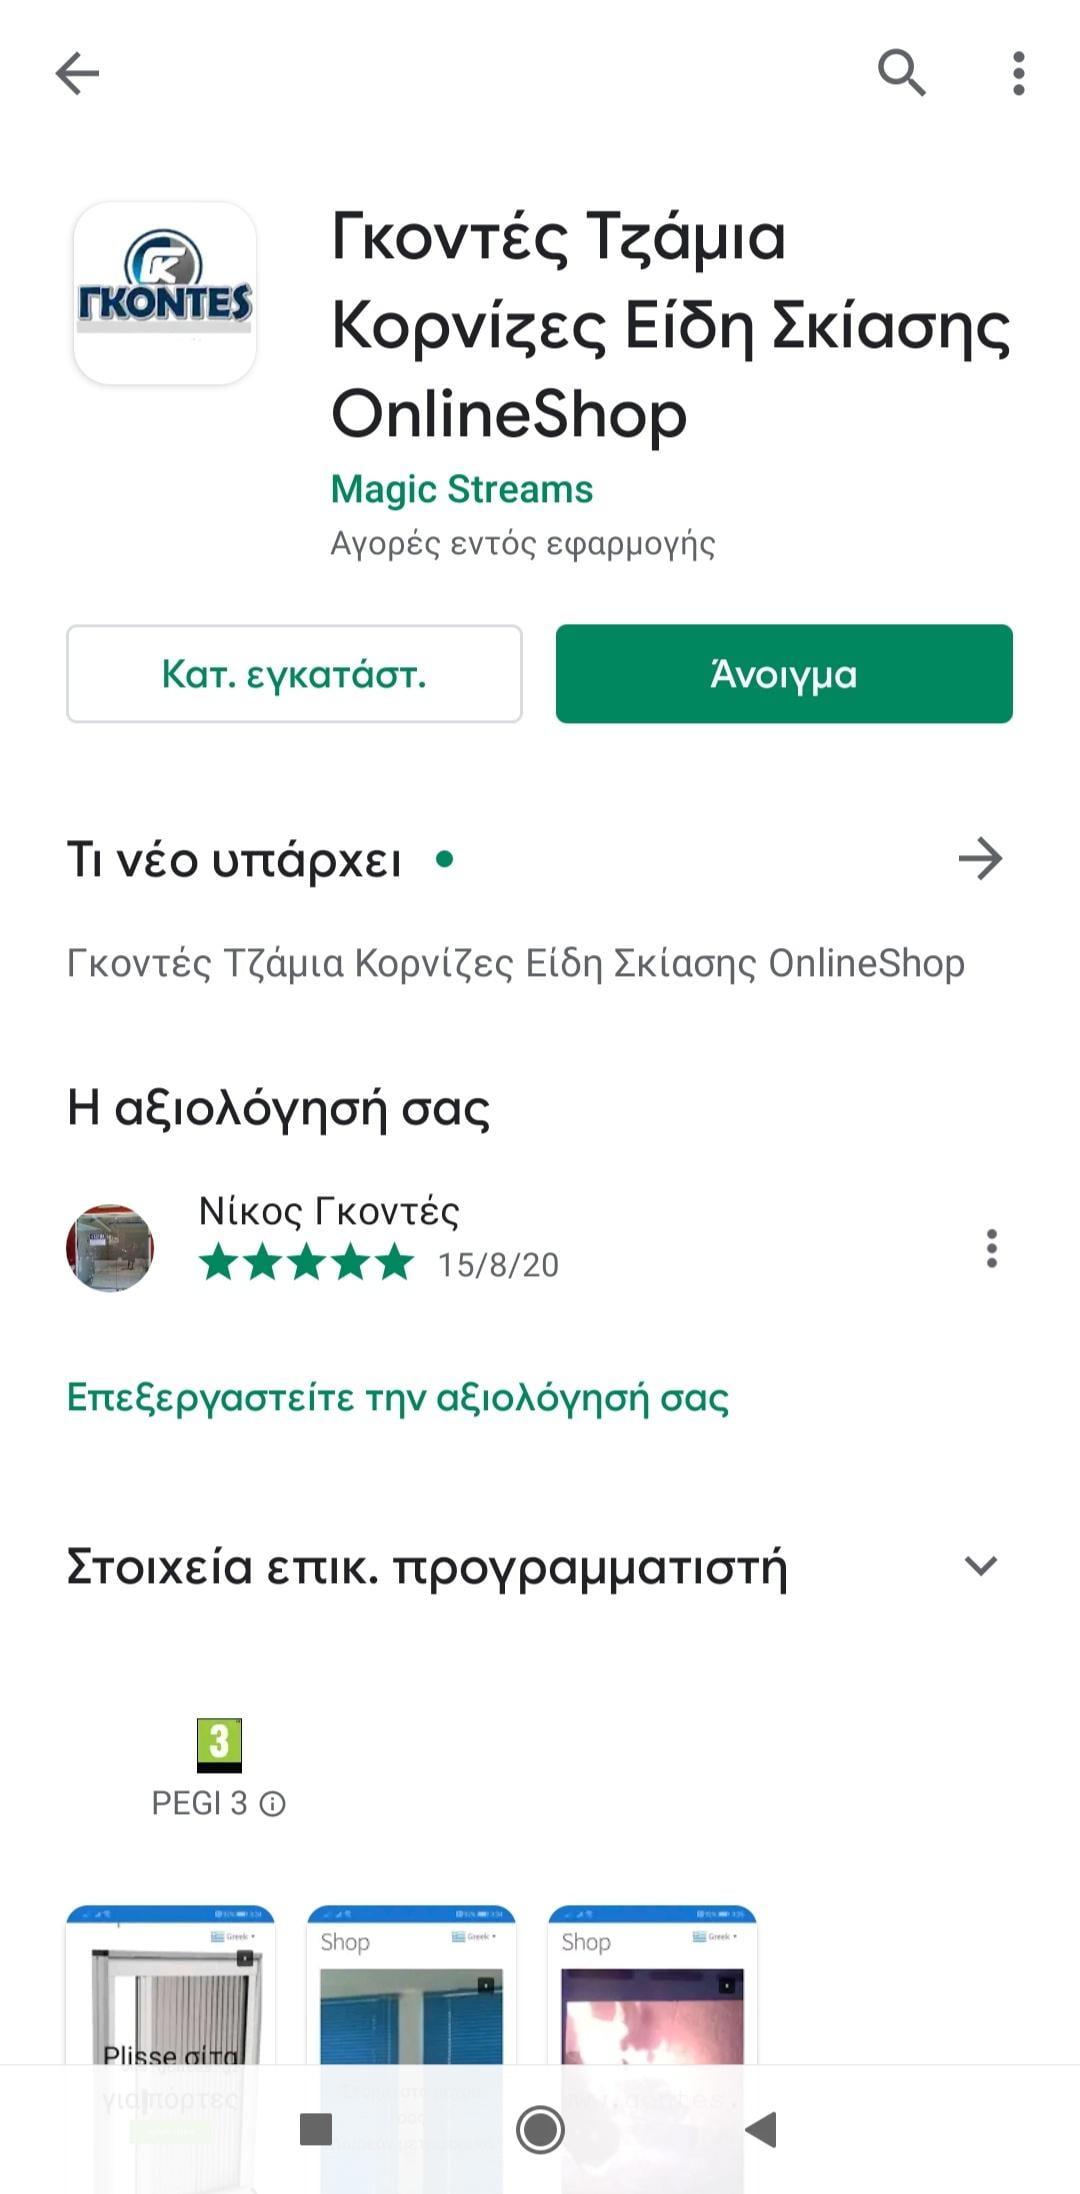 Νέα εφαρμογή του eshop gontes.gr στο playstore για κινητά android